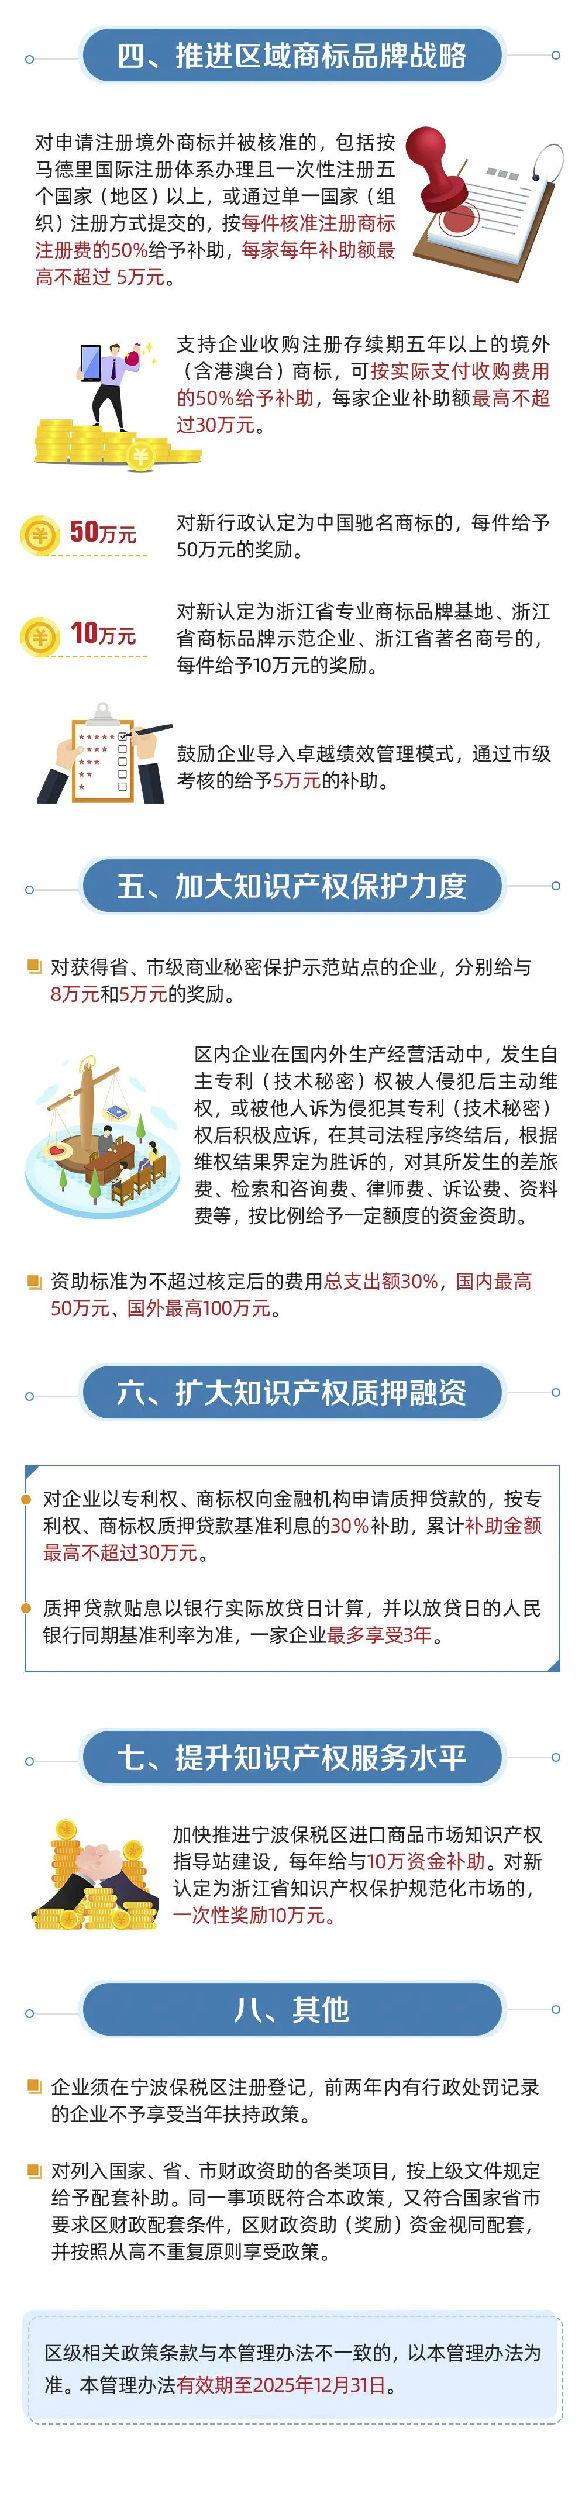 宁波保税区:专利资助5万,贯标奖励3万,驰名商标奖励50万